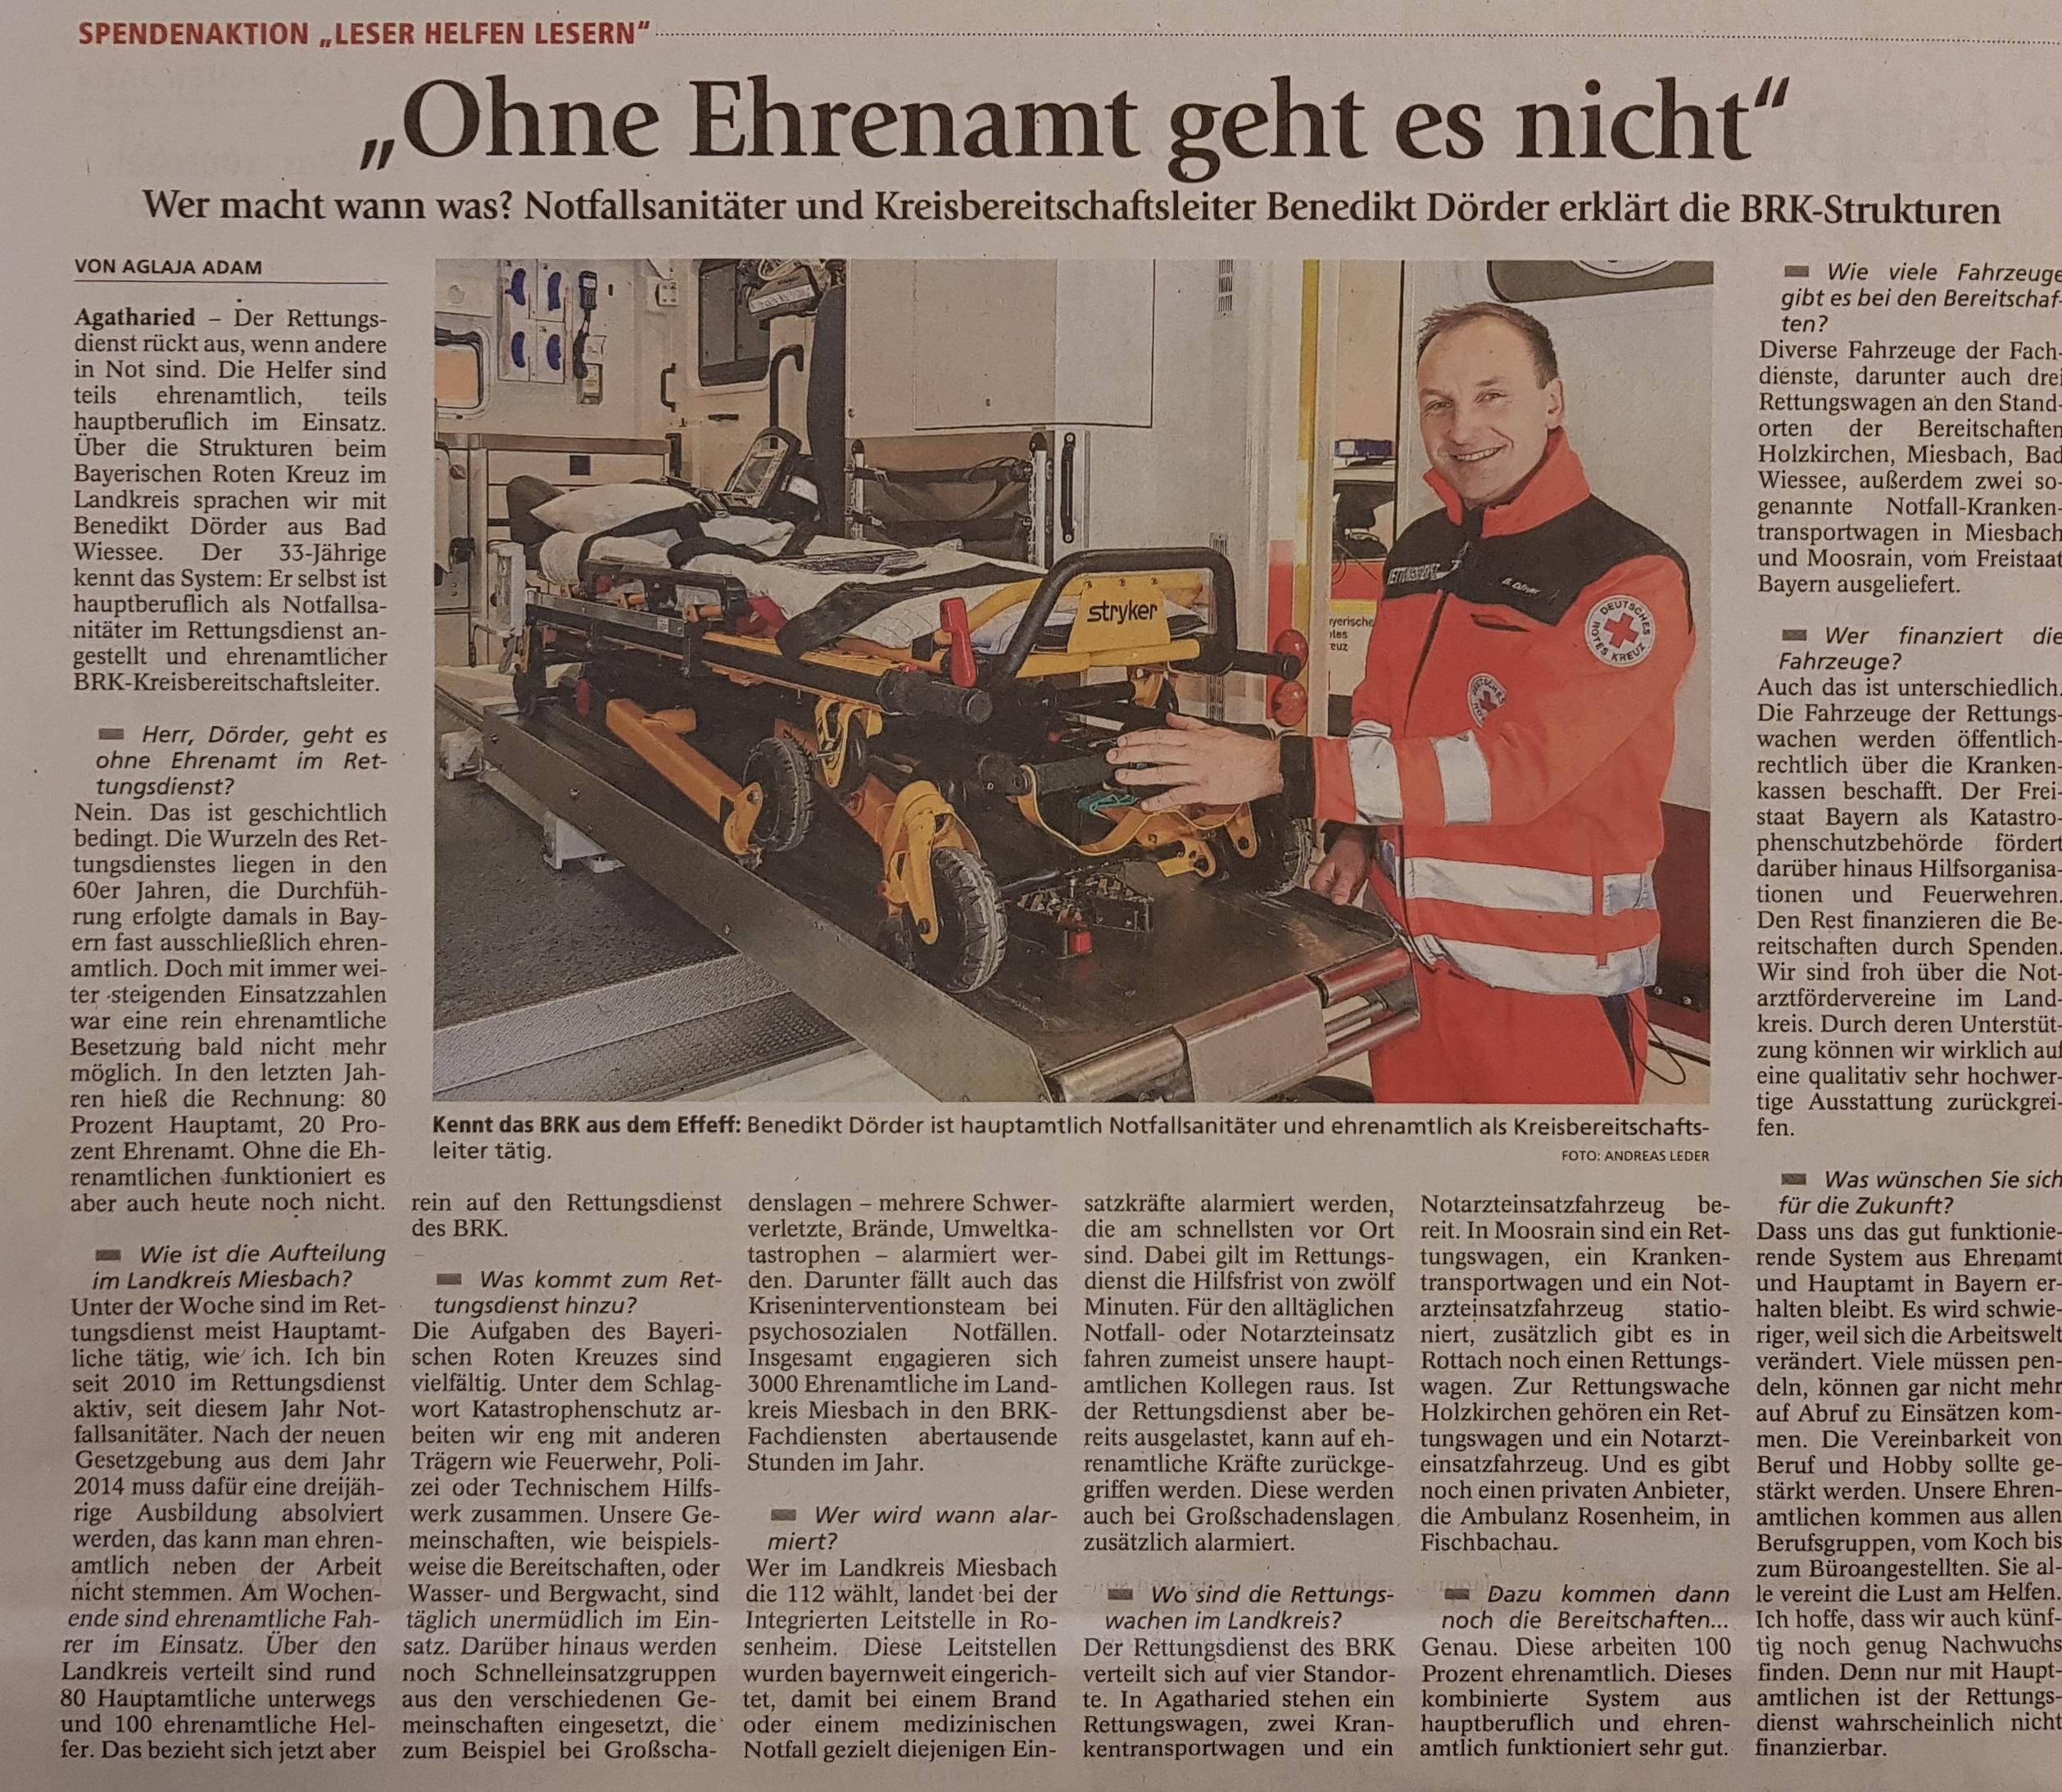 Zeitungsartikel - Ohne Ehrenamt geht es nicht2